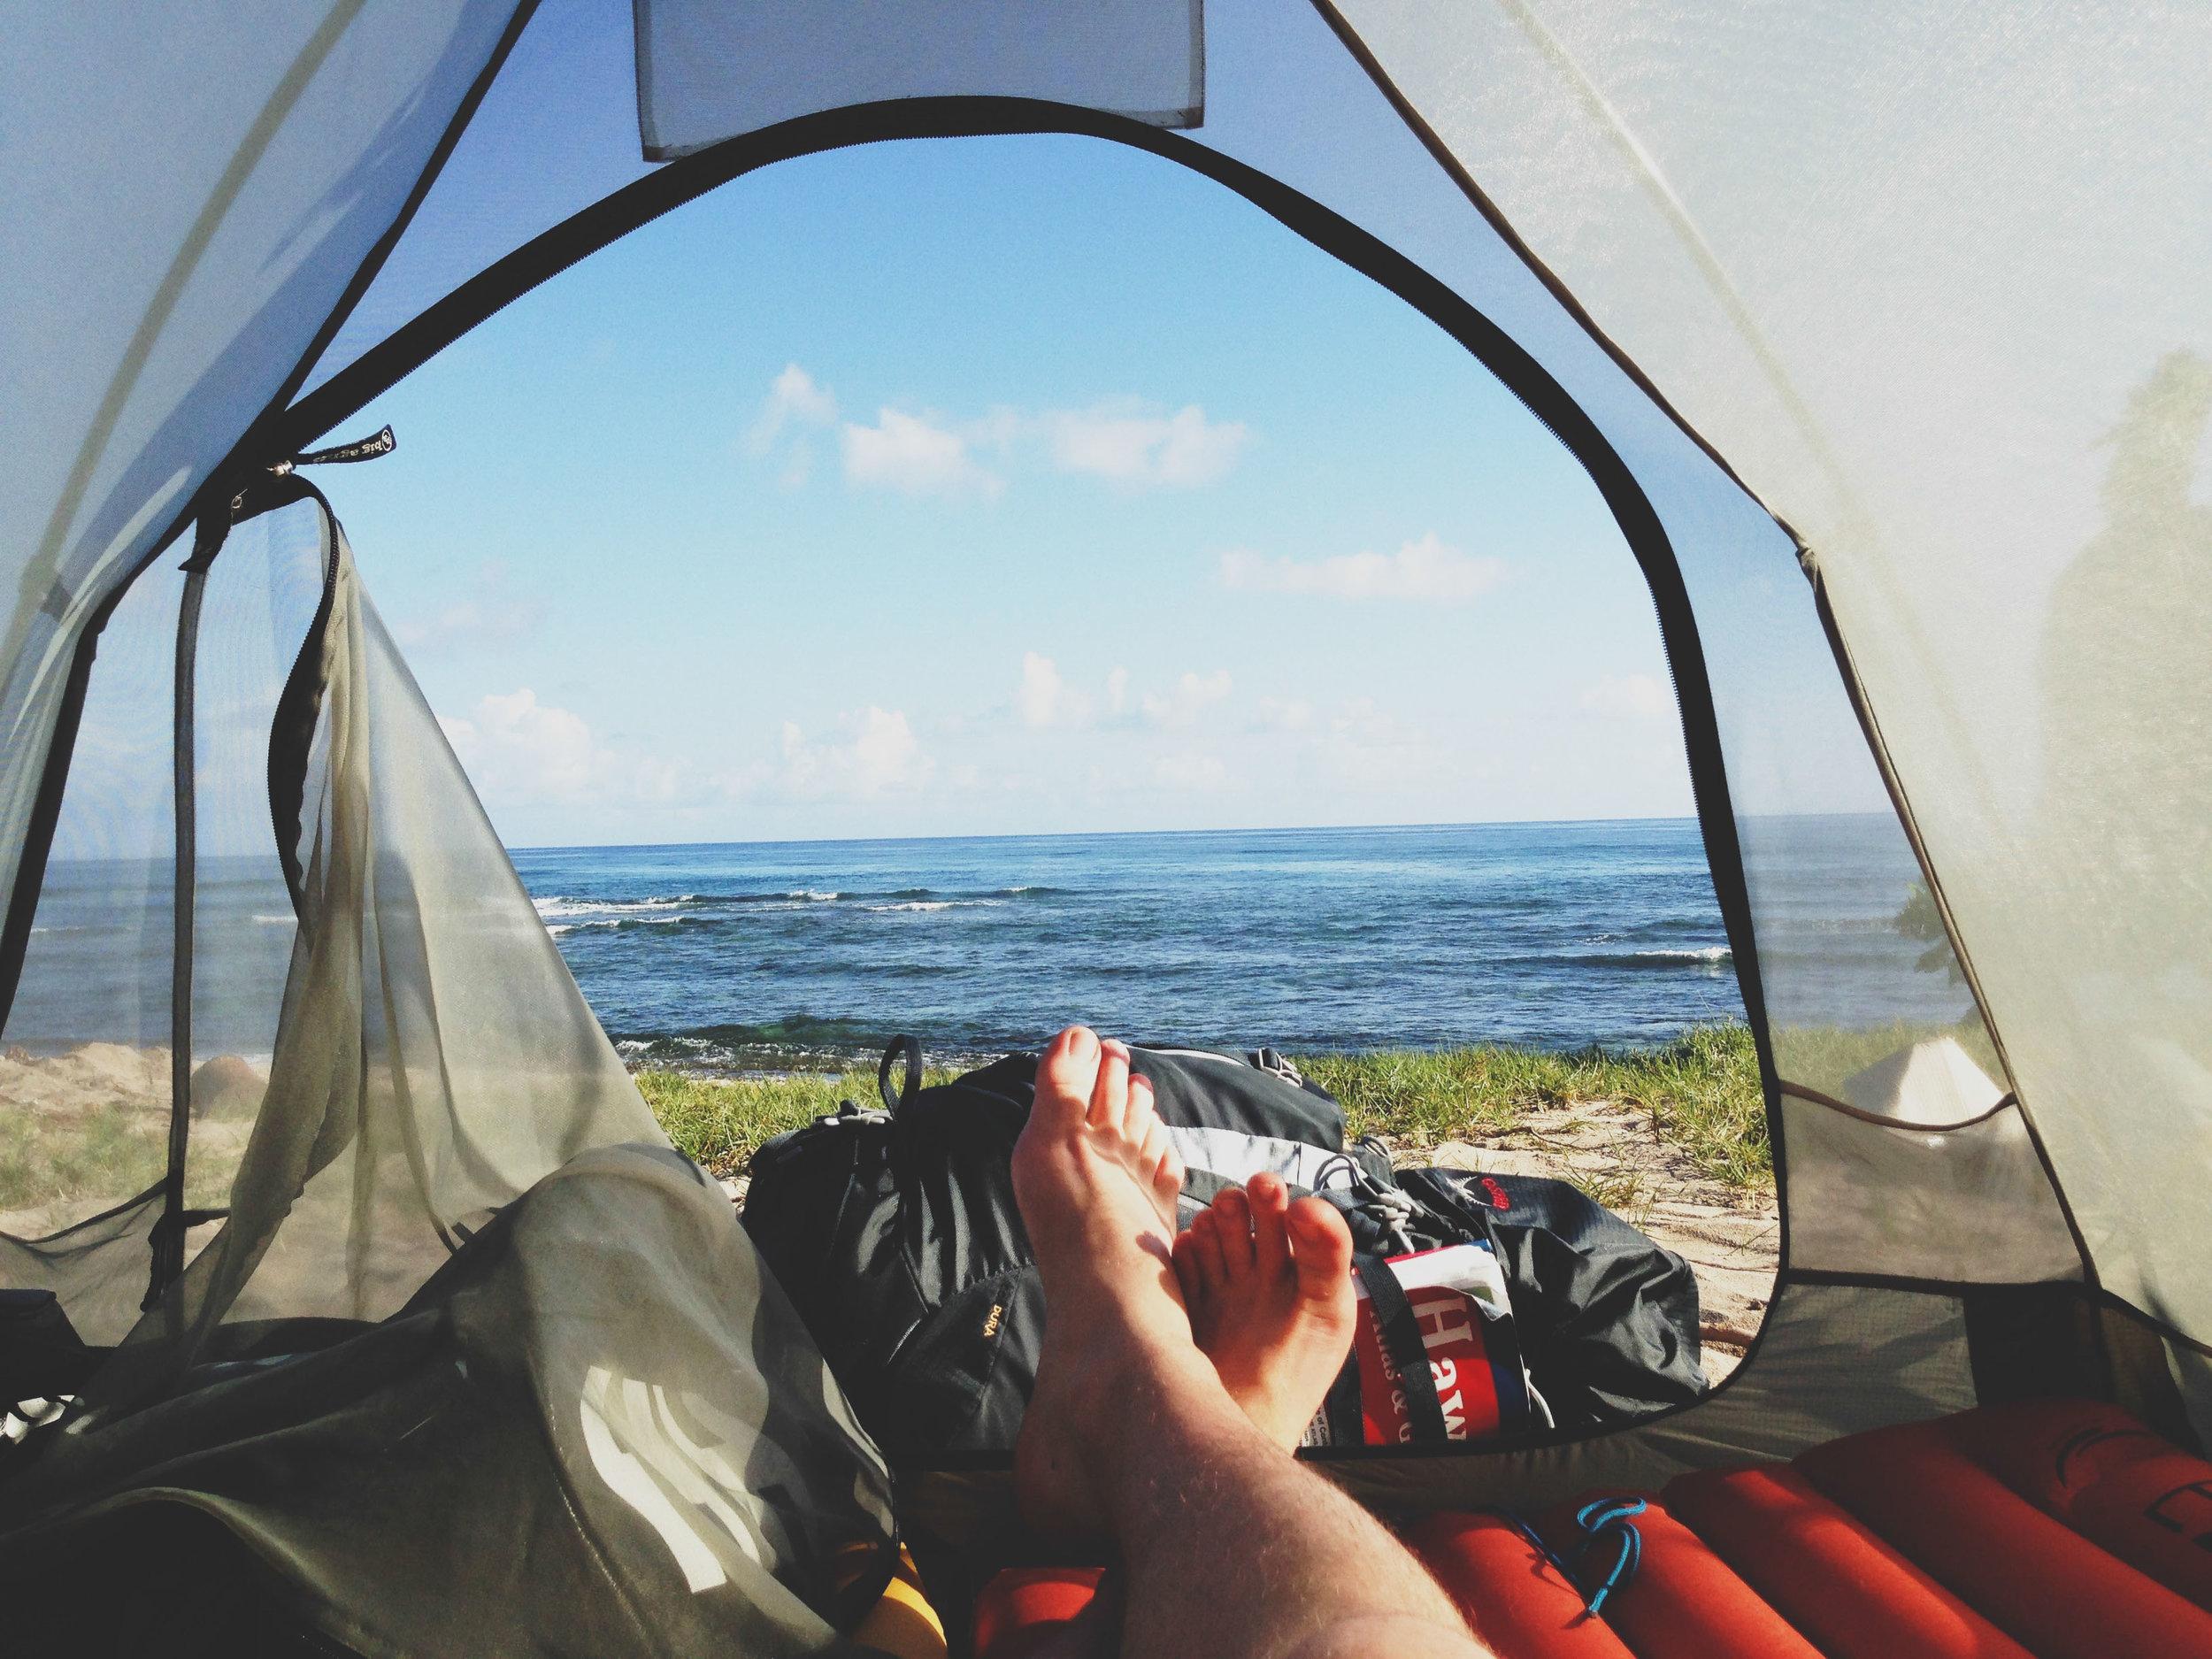 camping at the beach.jpg